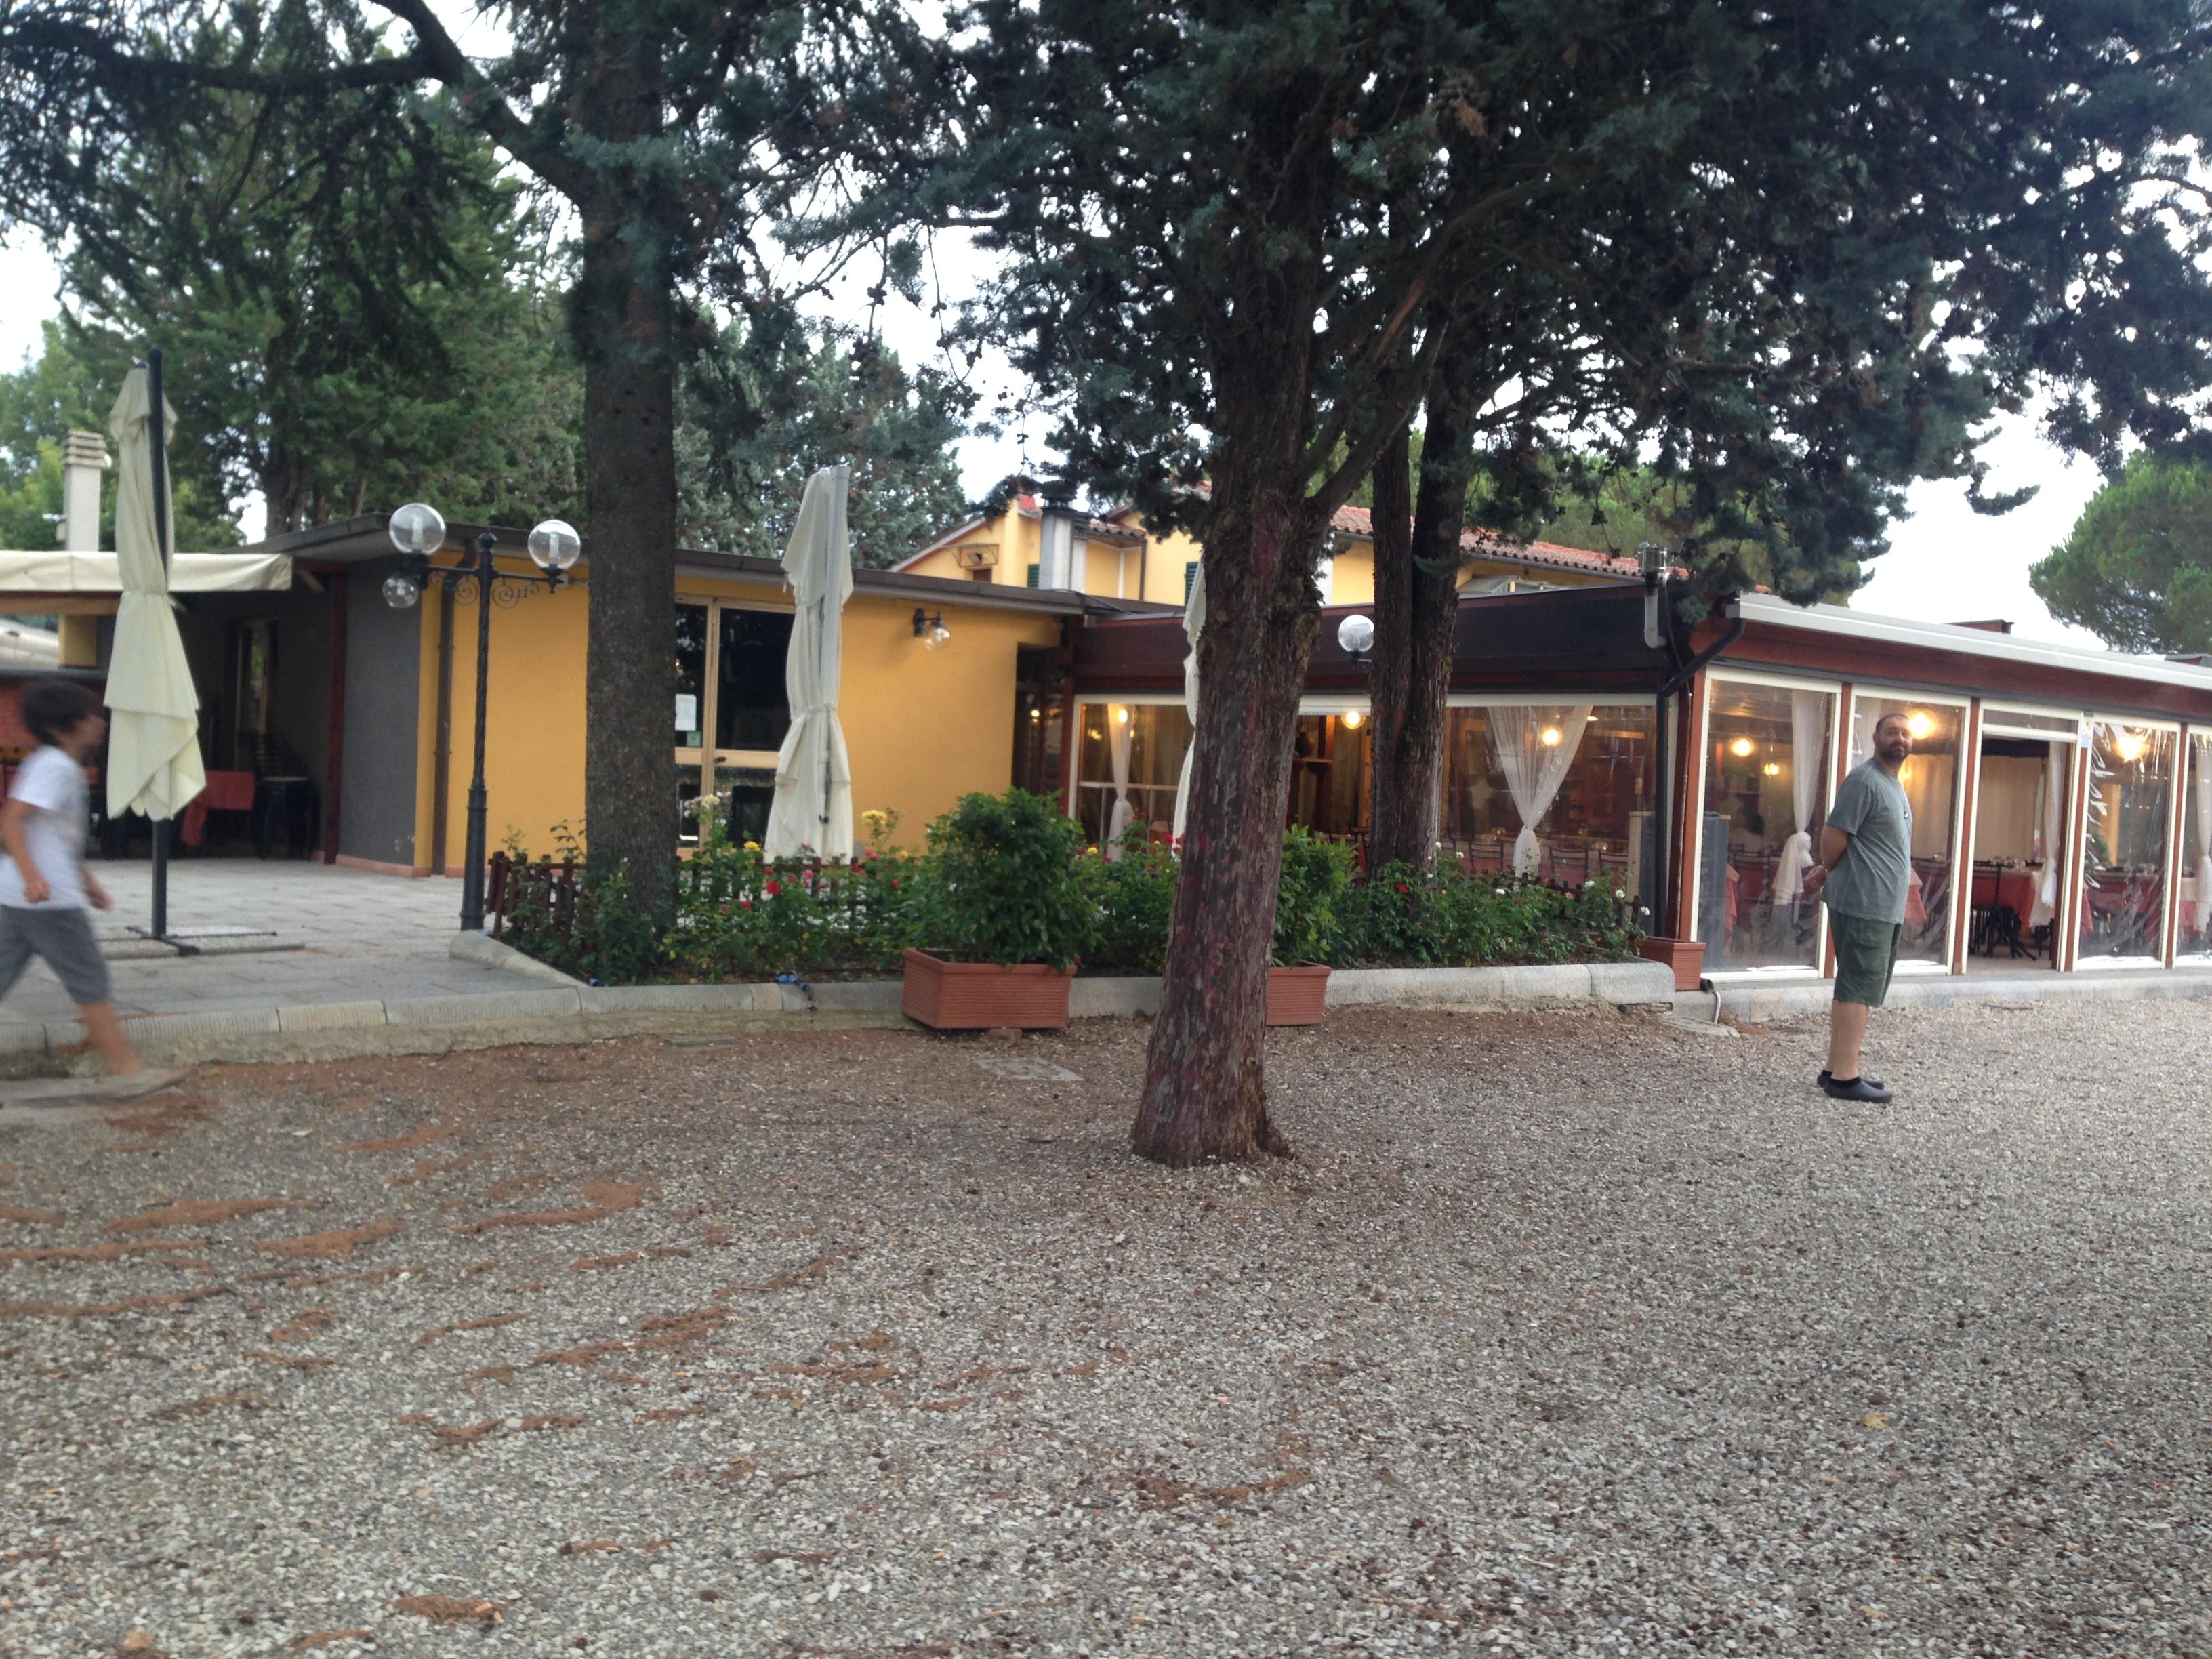 Villa 100 Palmi ristorante perfetto anche per famiglie